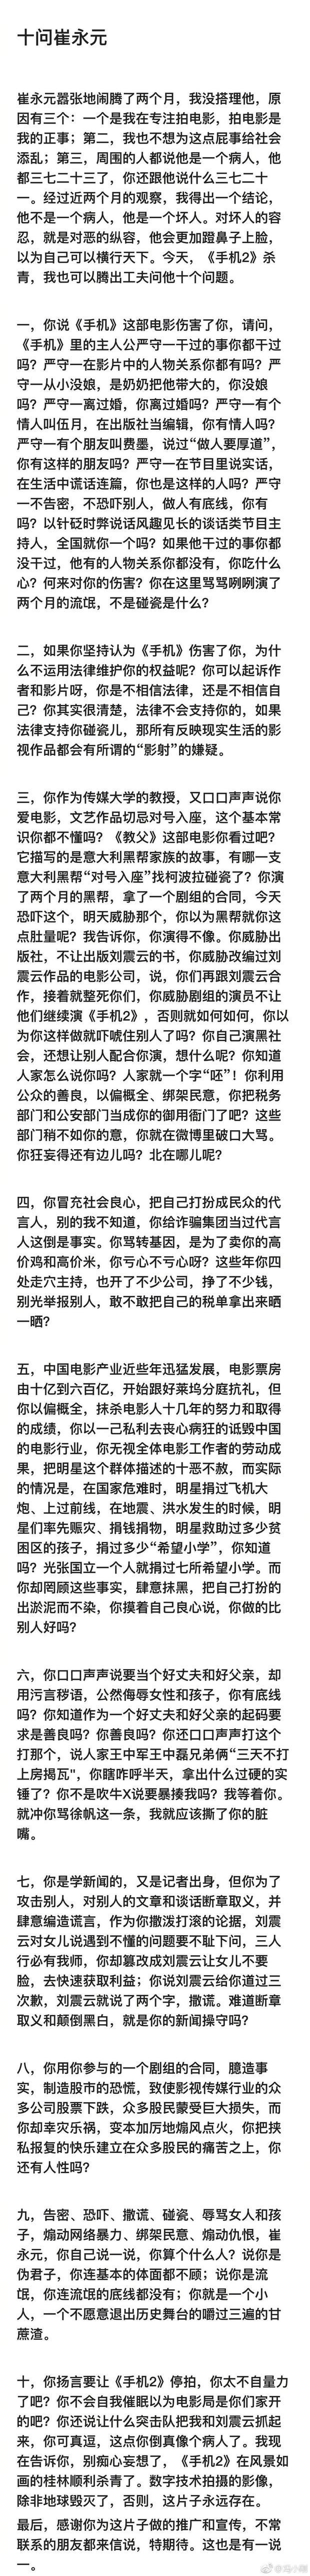 冯小刚回应崔永元